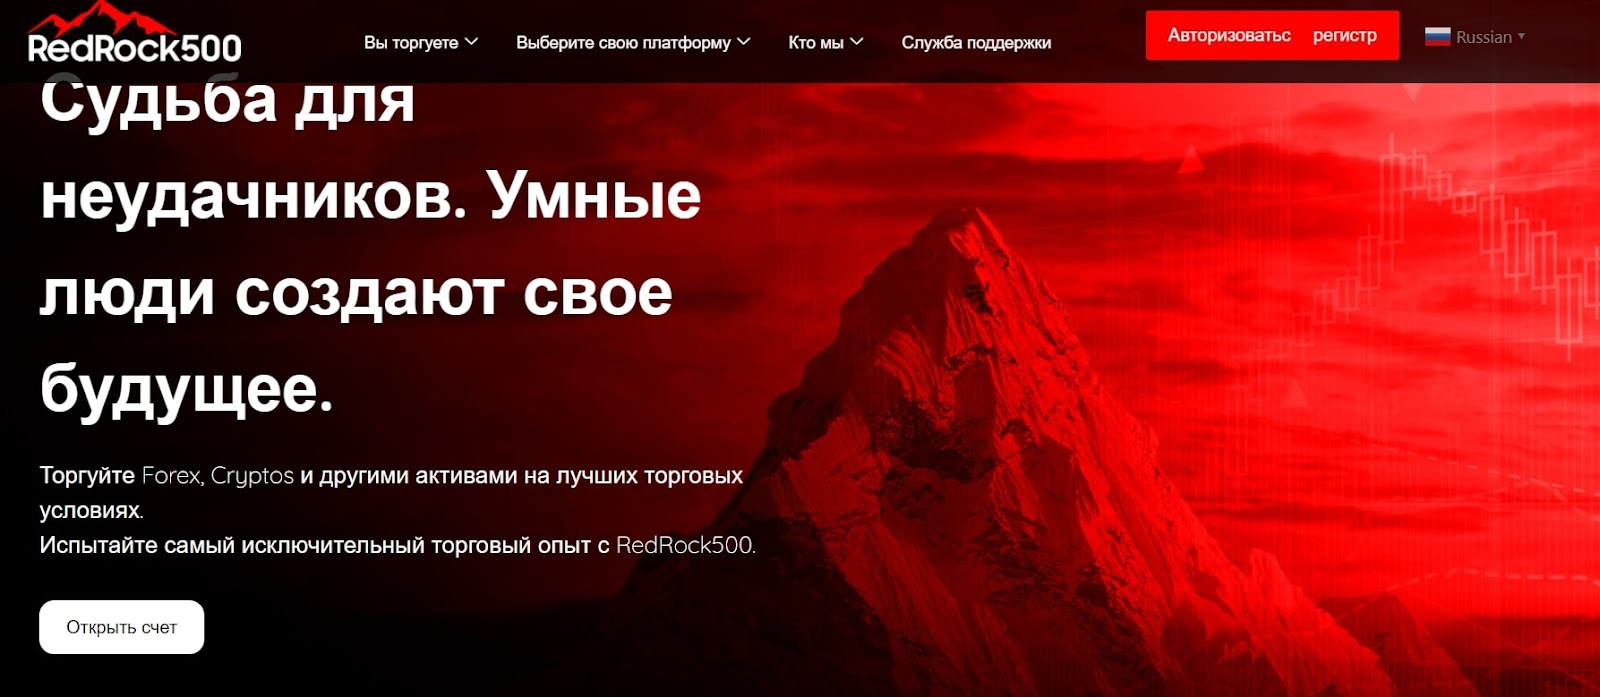 Обзор форекс-брокера RedRock500 и отзывы пользователей